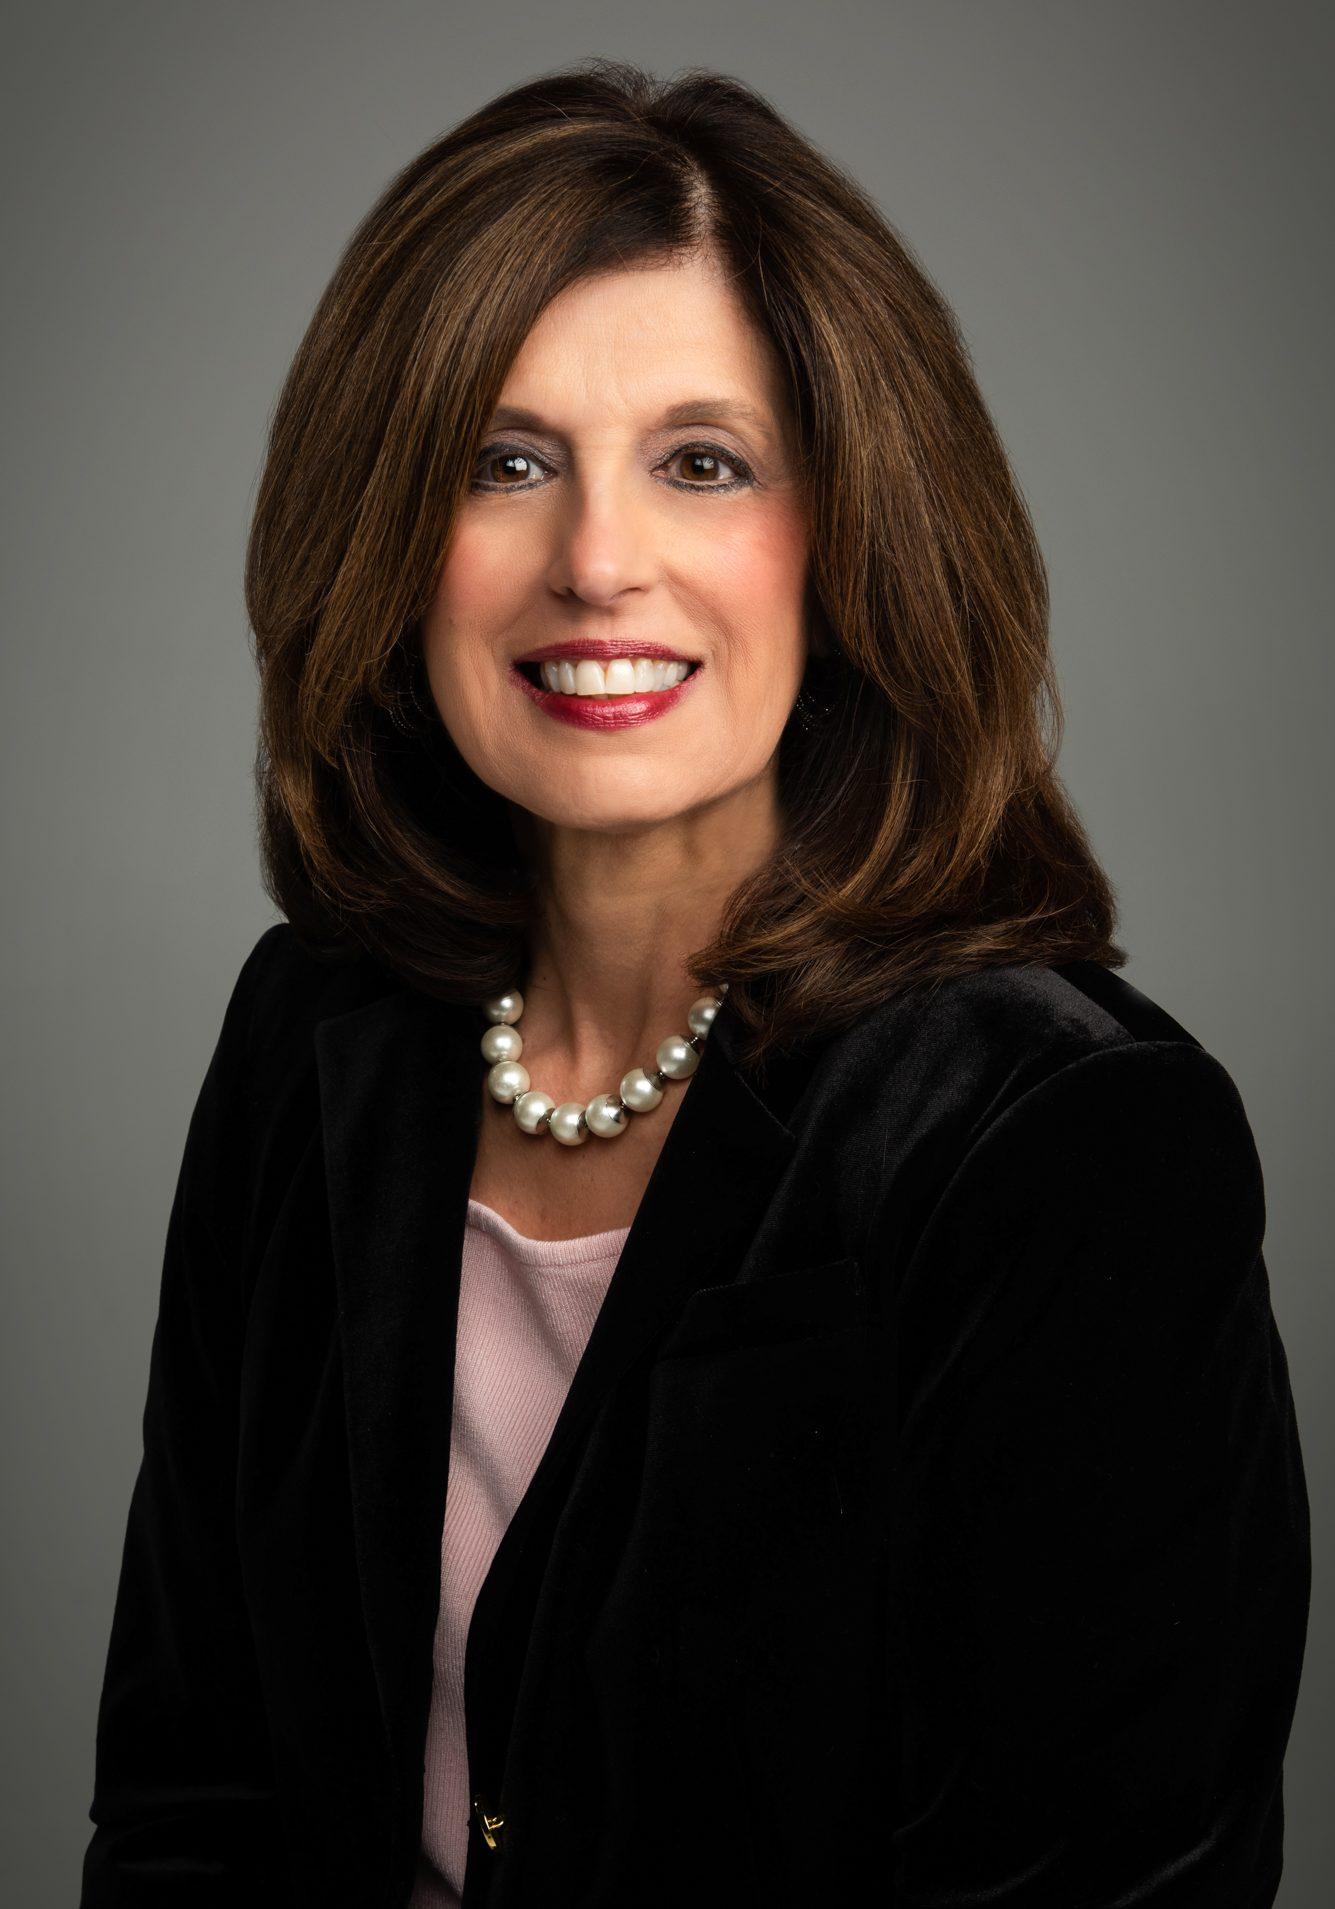 Christine Katzer